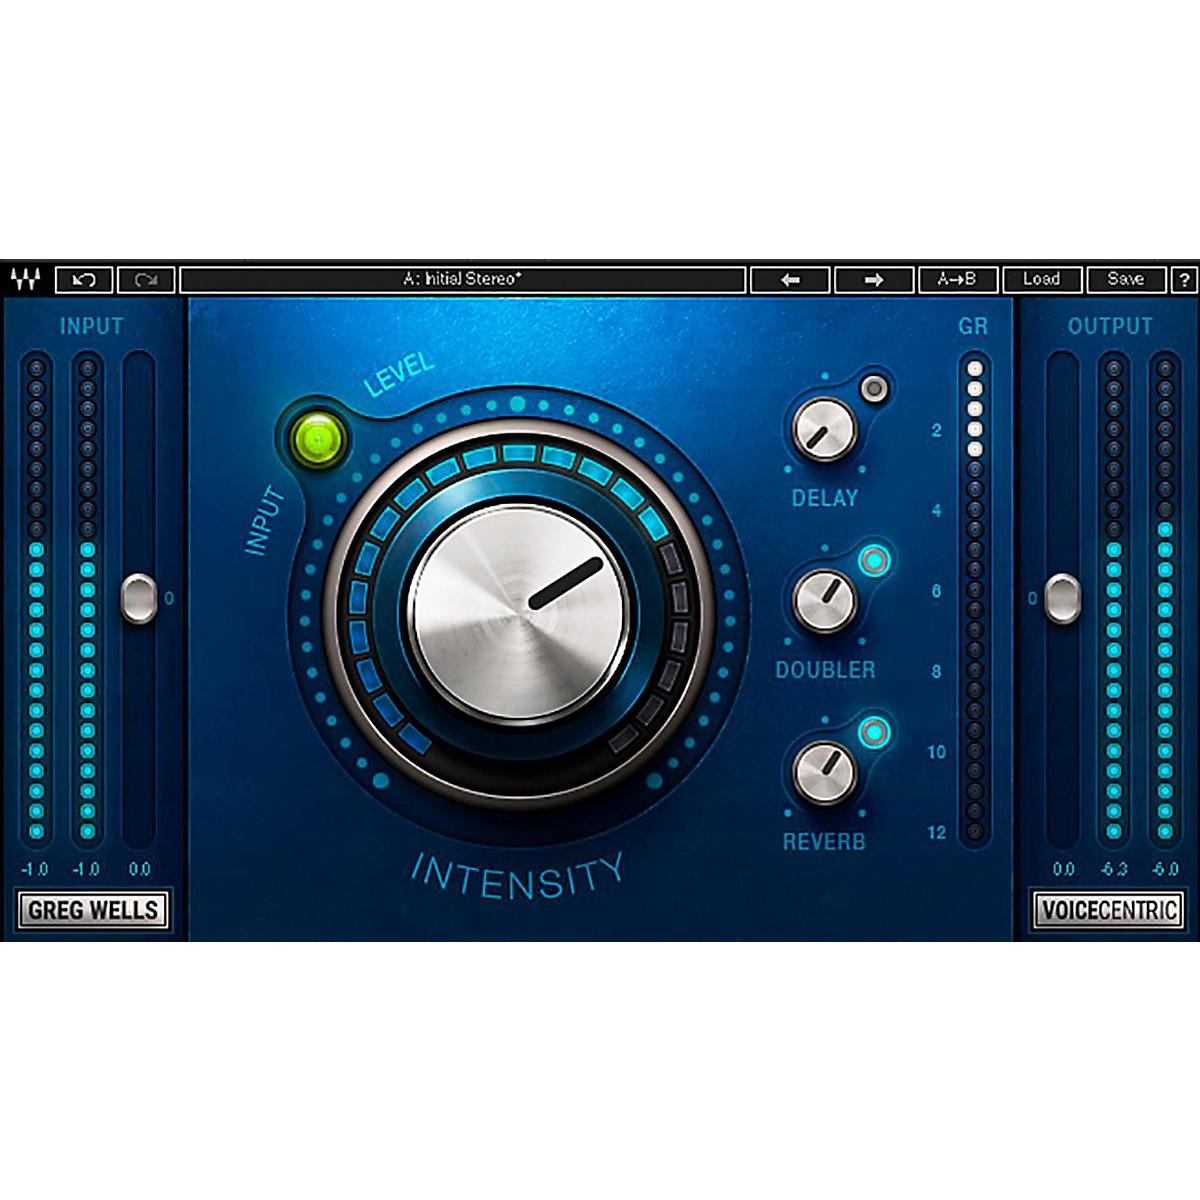 Waves Greg Wells VoiceCentric